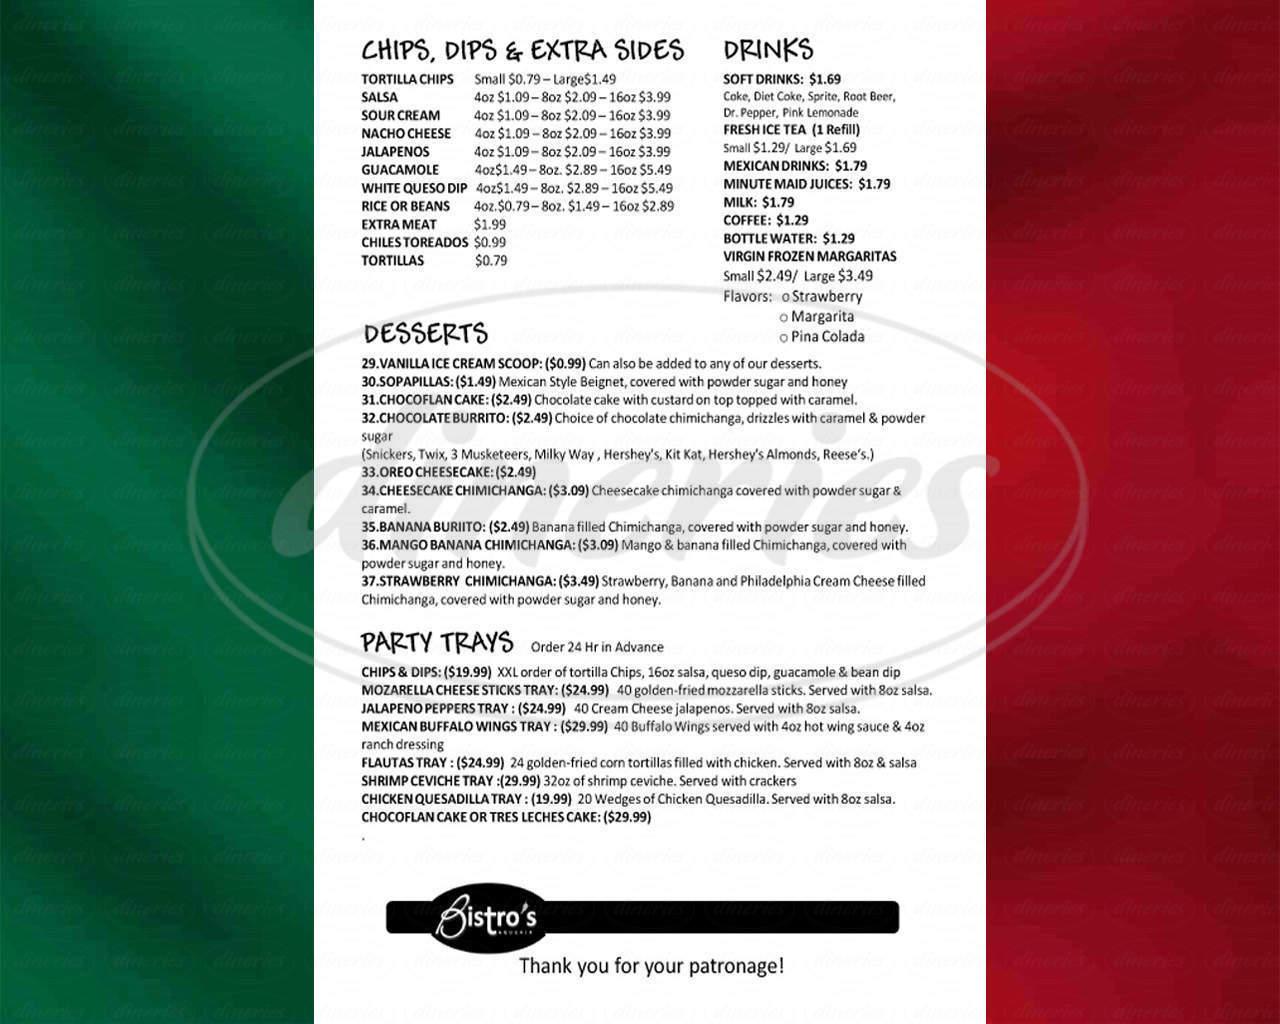 menu for Bistro's Taqueria